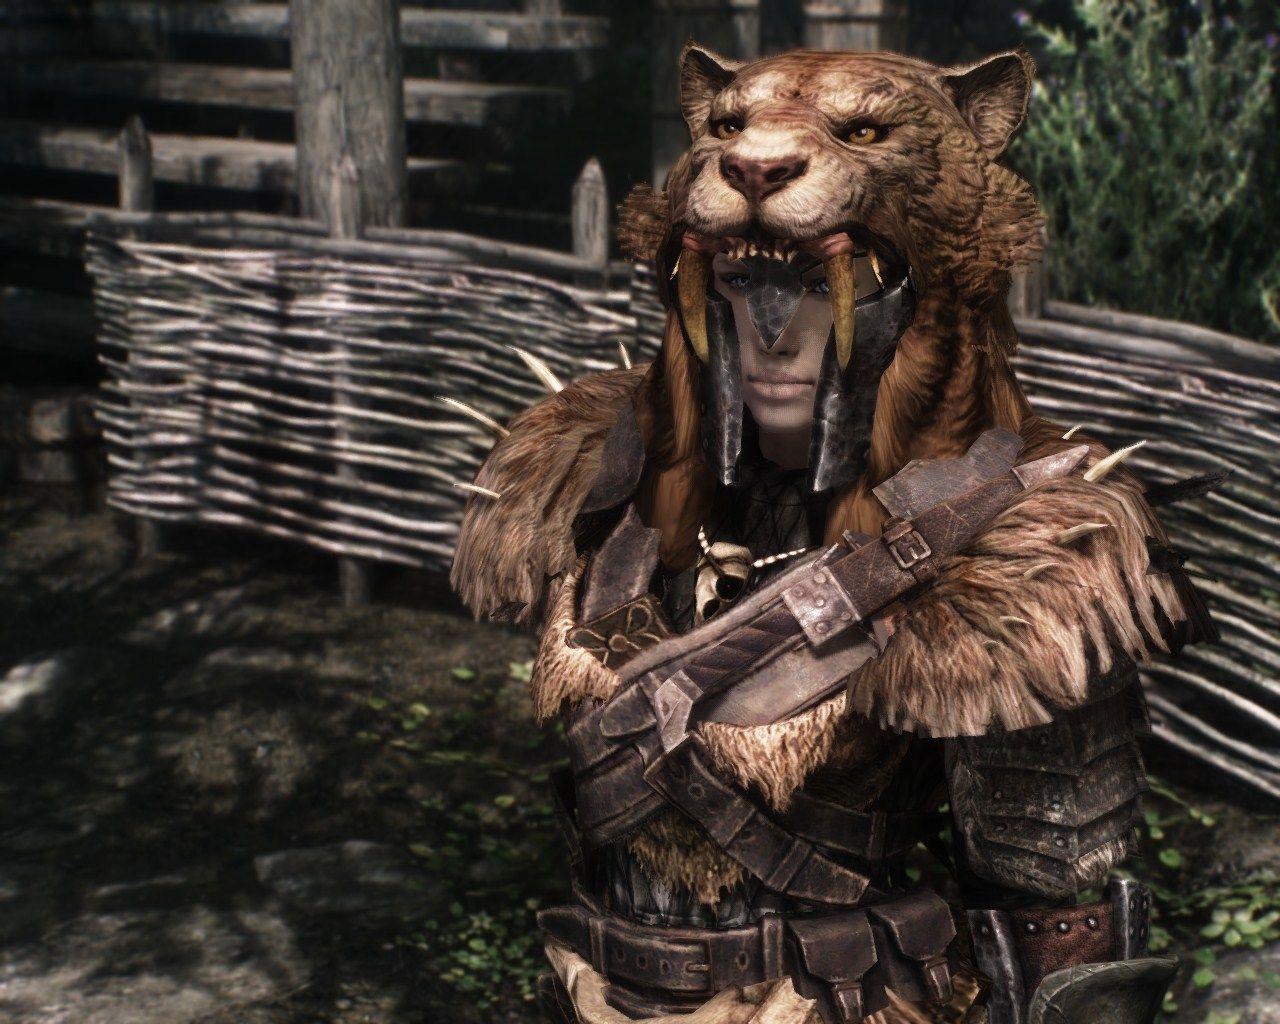 animal pelt armor | armor | Skyrim nexus mods, Skyrim, Larp